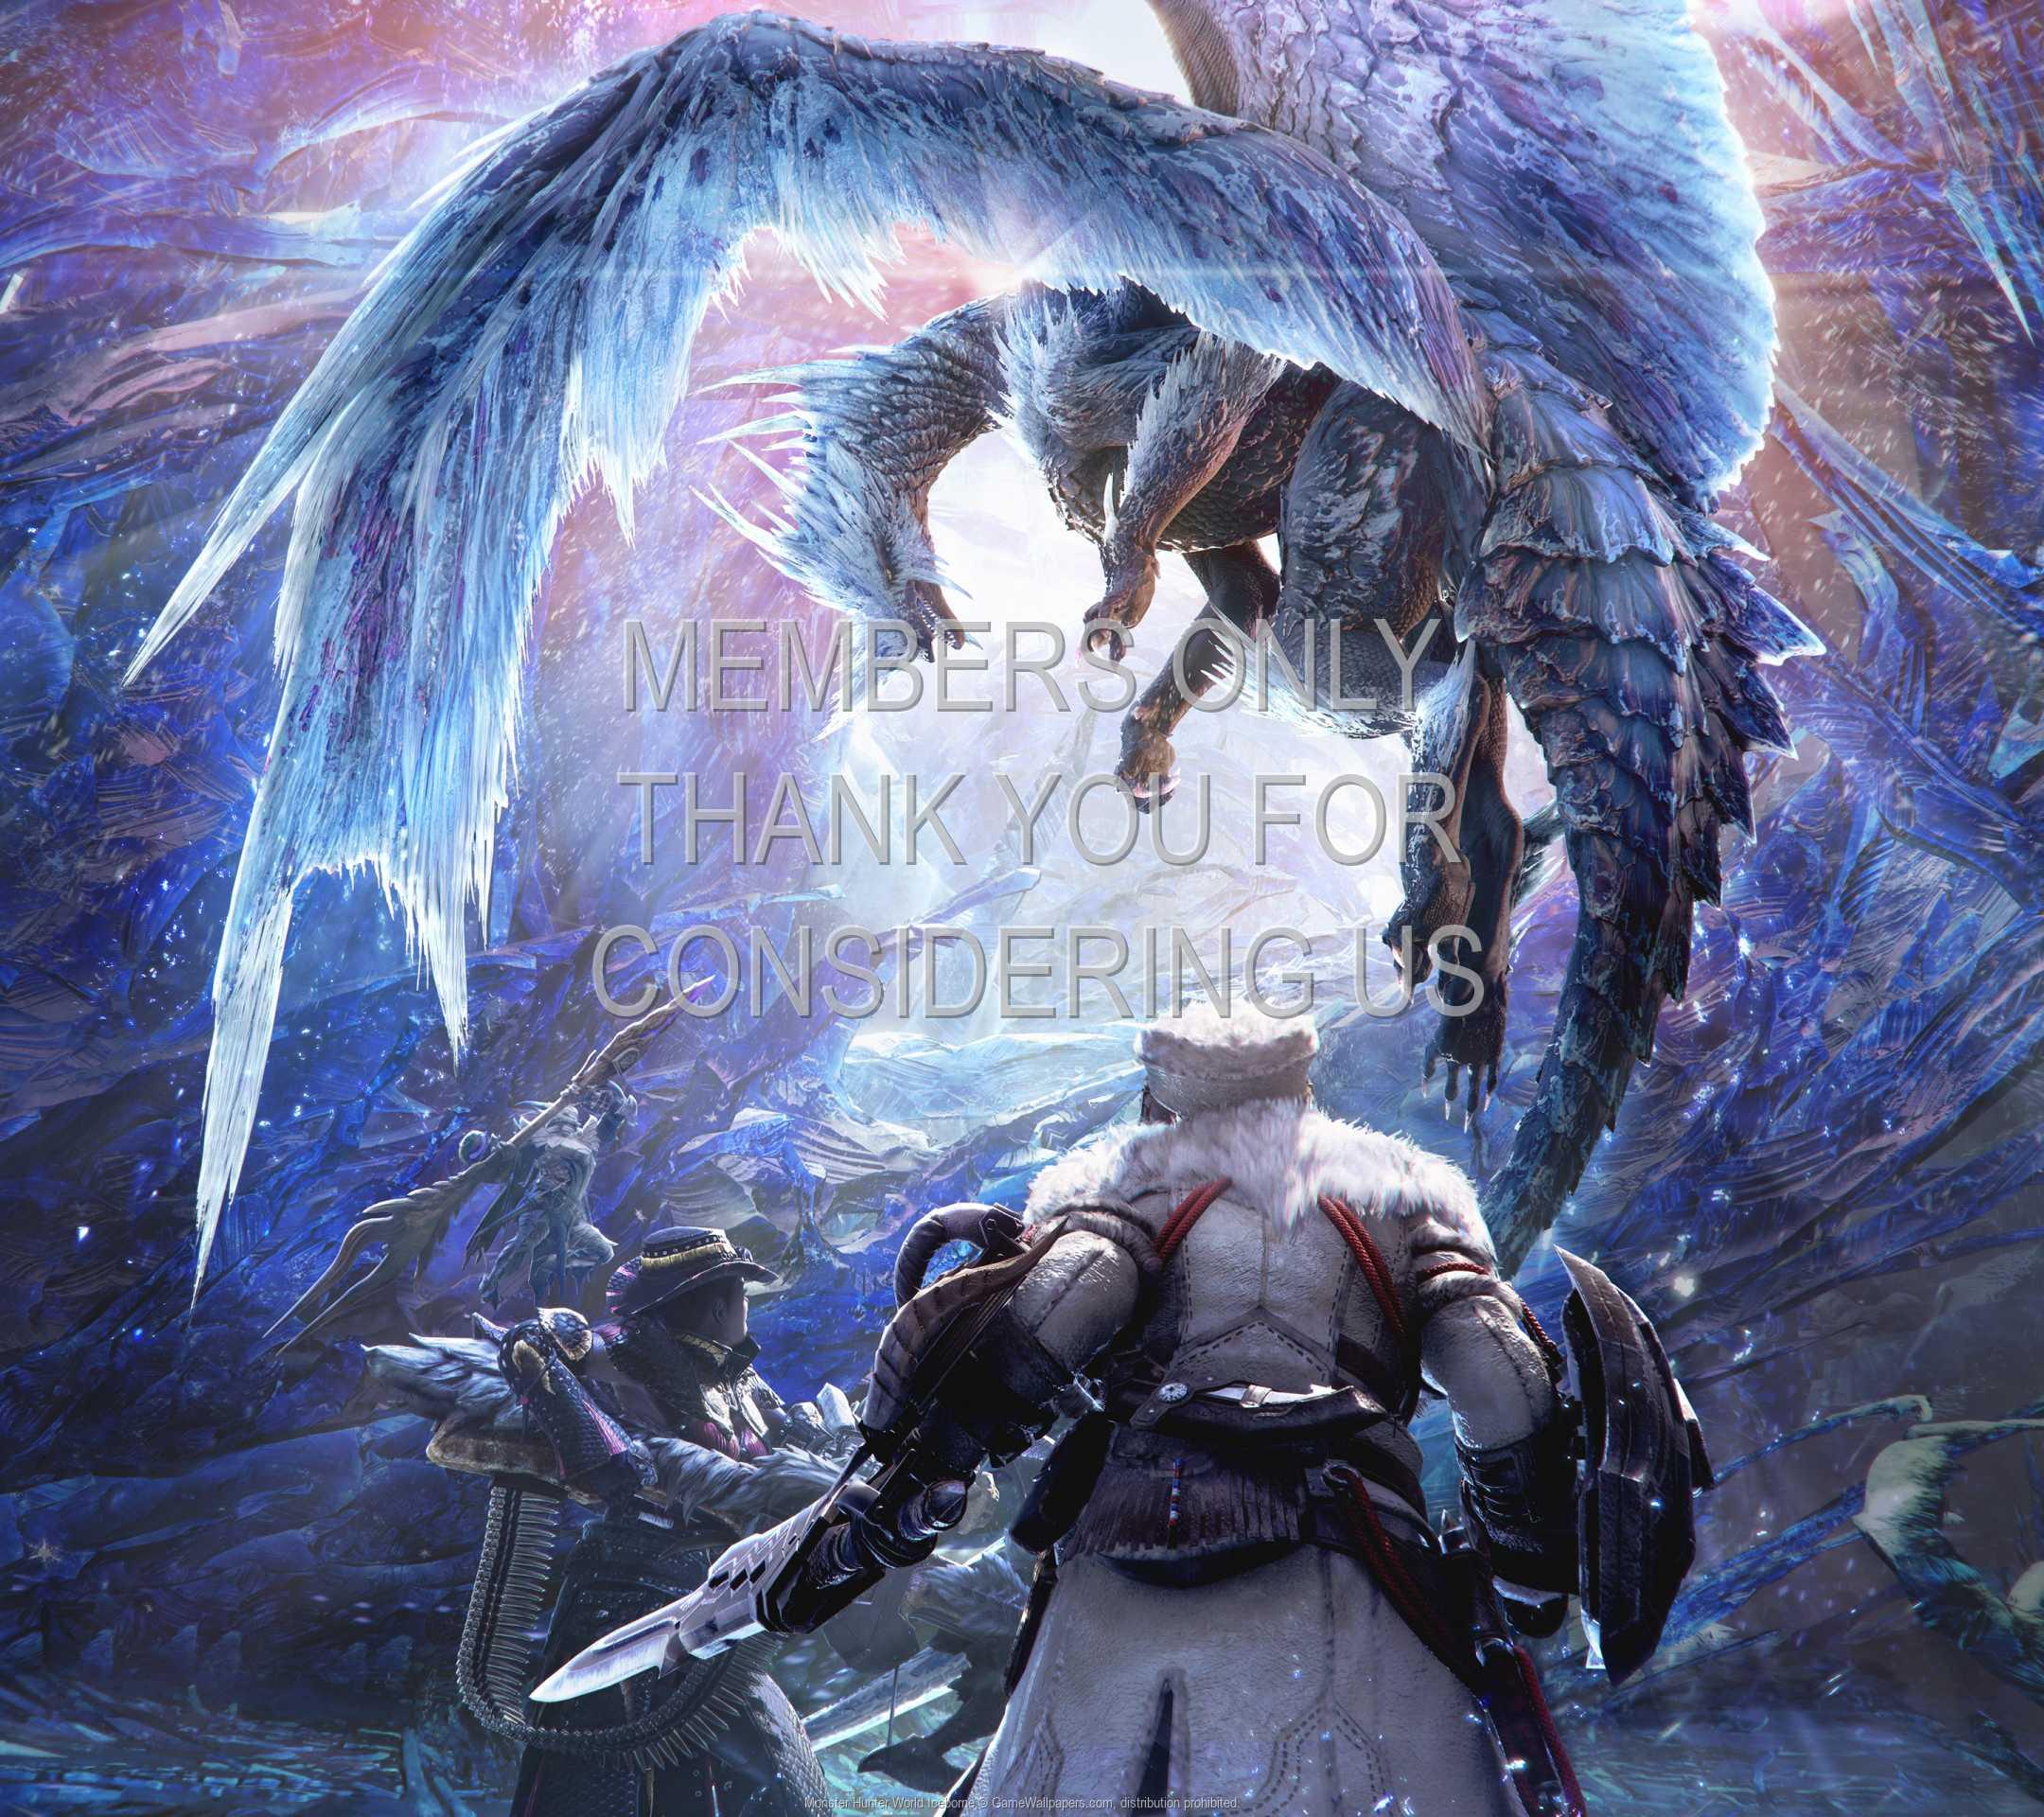 Monster Hunter World: Iceborne 1080p Horizontal Mobile wallpaper or background 01